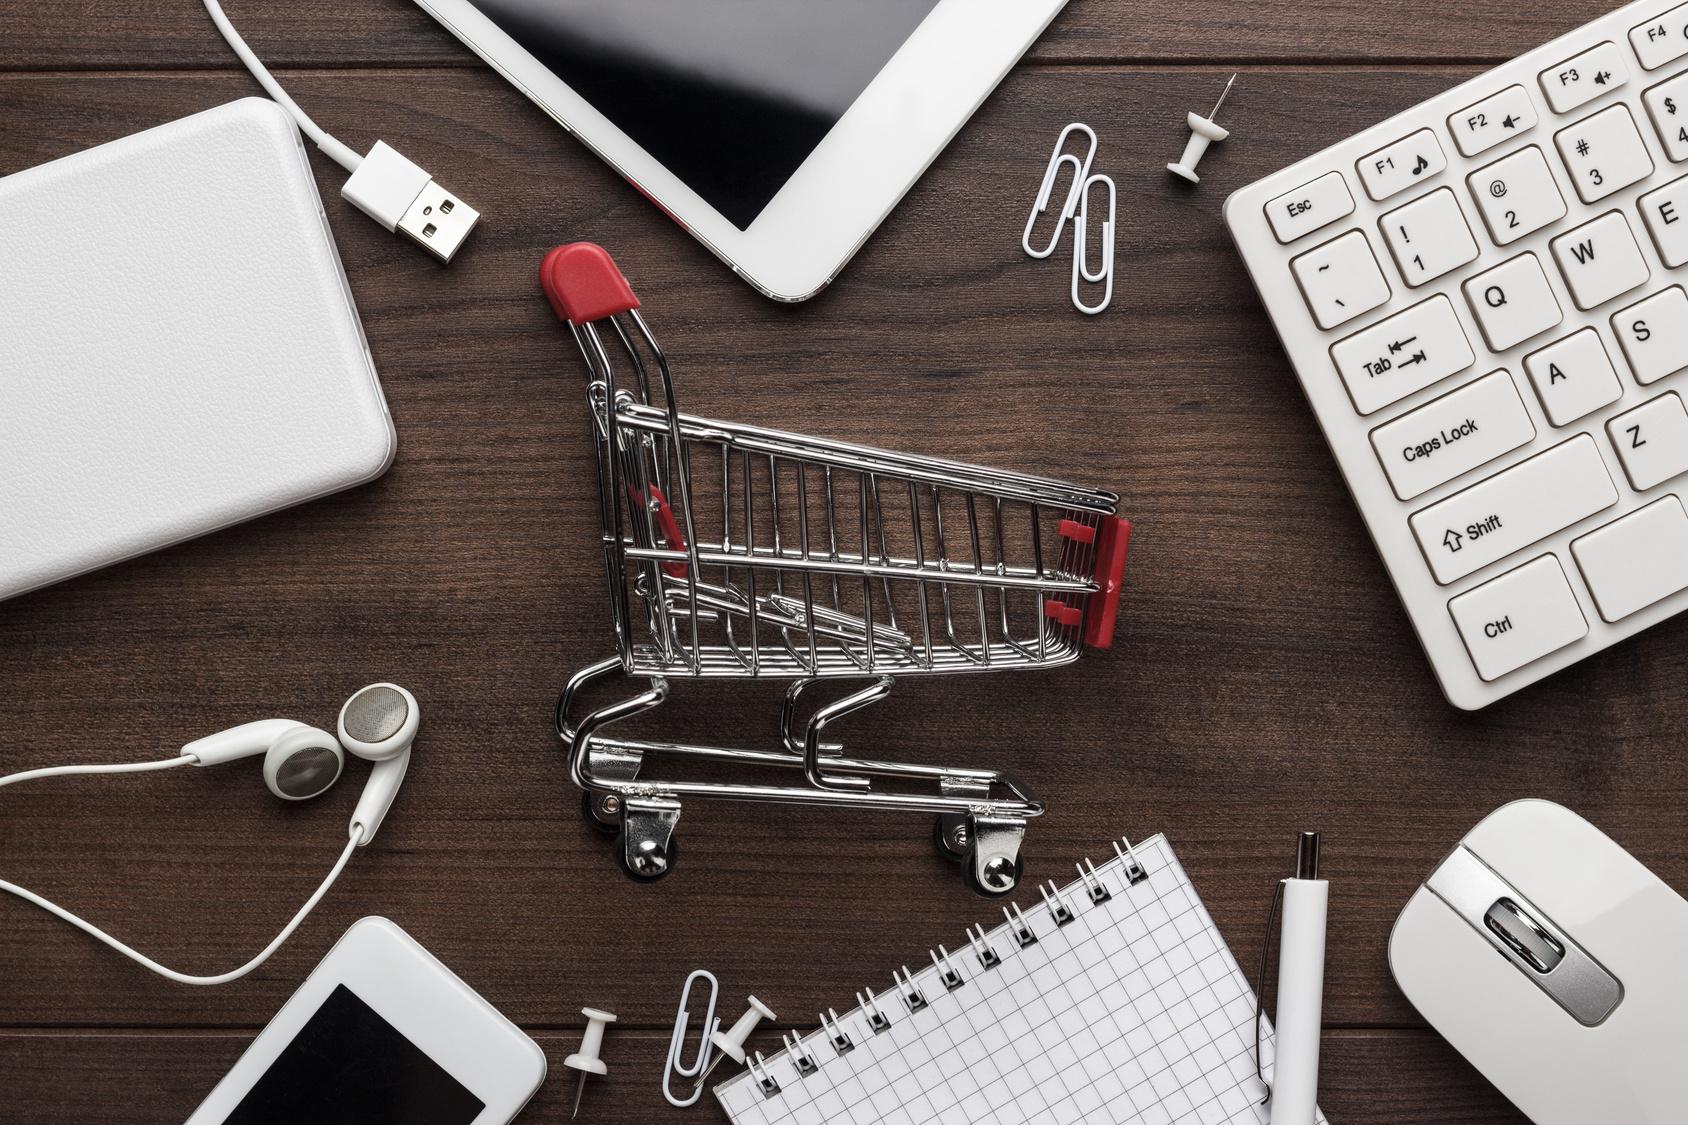 darmowe oprogramowanie sklepu internetowego